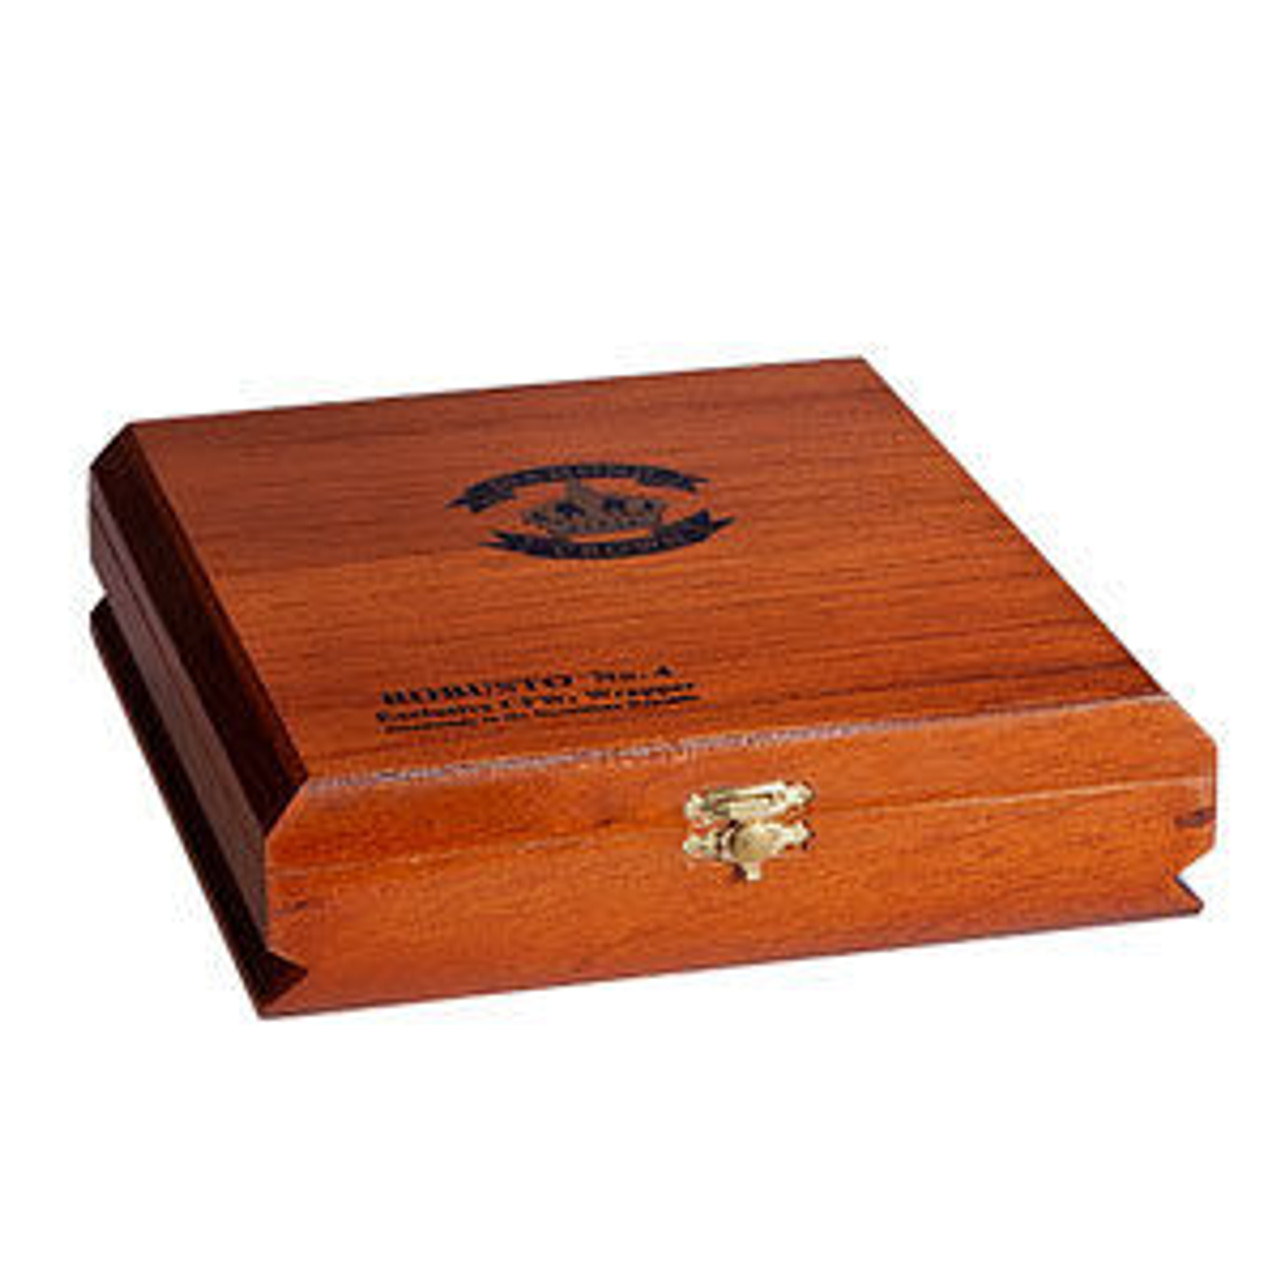 Diamond Crown Figurado No. 6 Maduro Cigars - 6.0 x 64 (Box of 15)